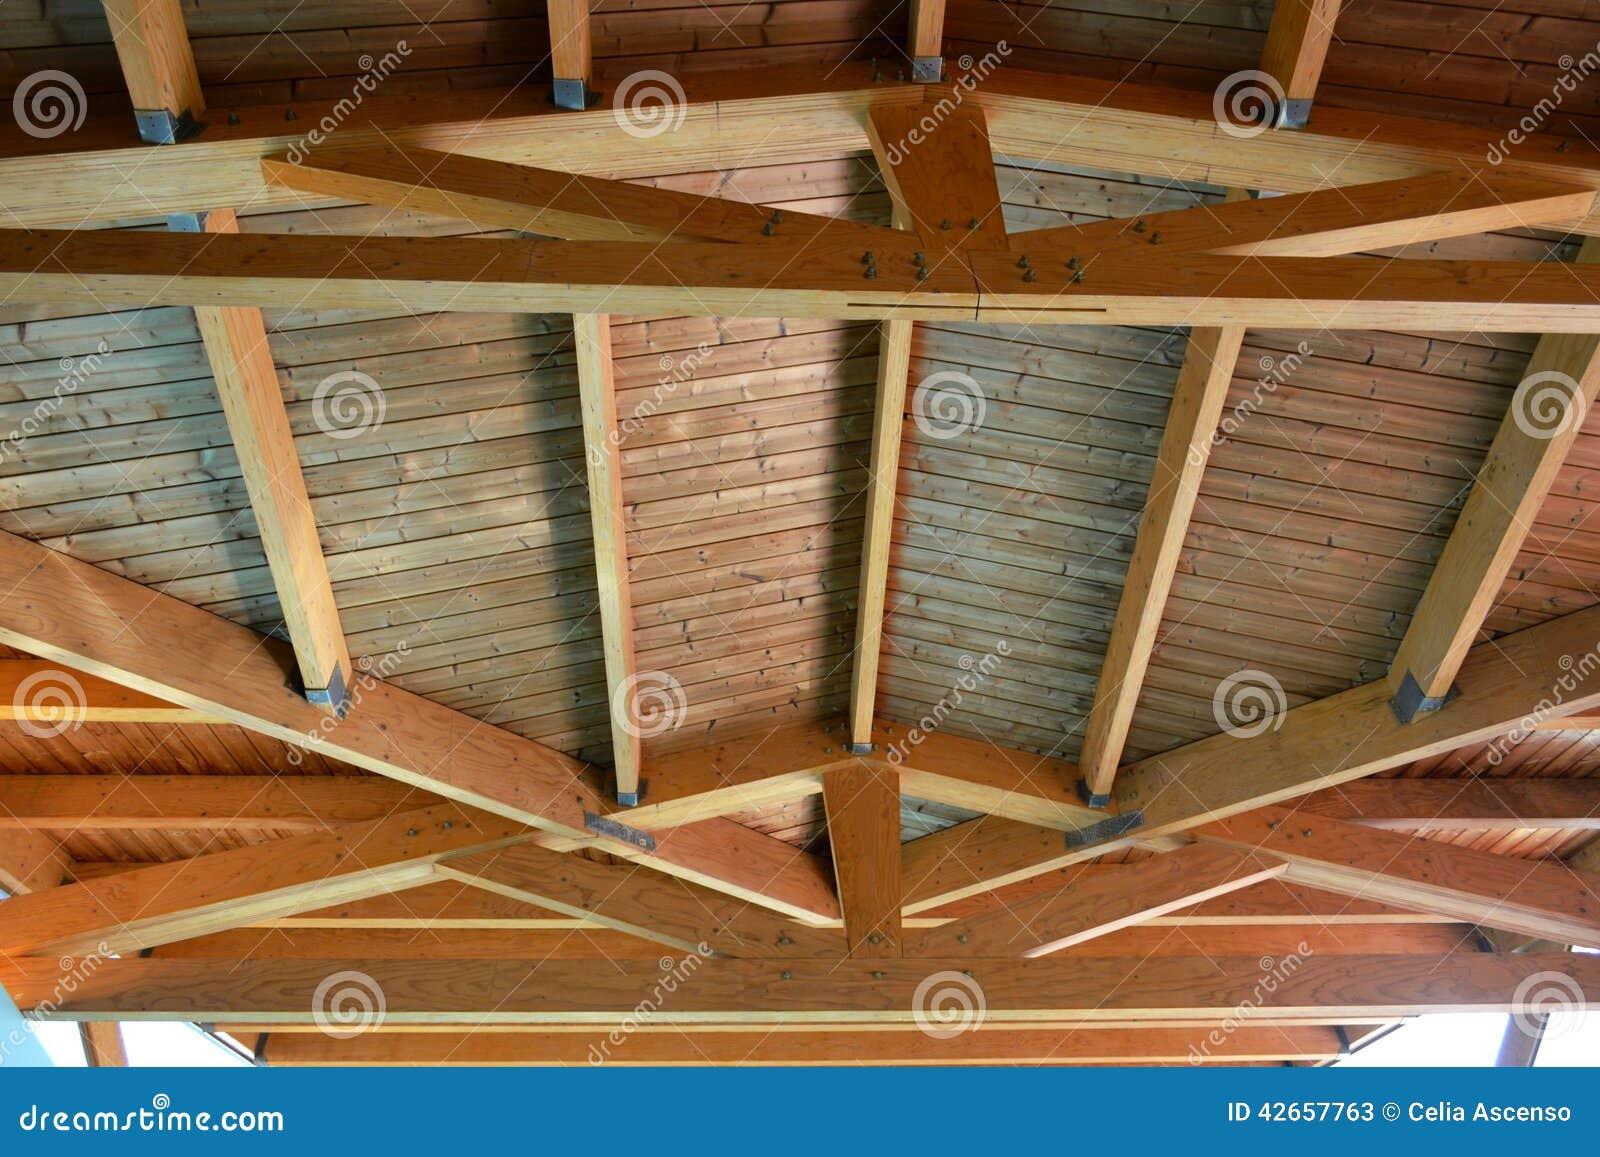 Detalle de madera del techo del tejado de la casa foto de - Tejado madera ...